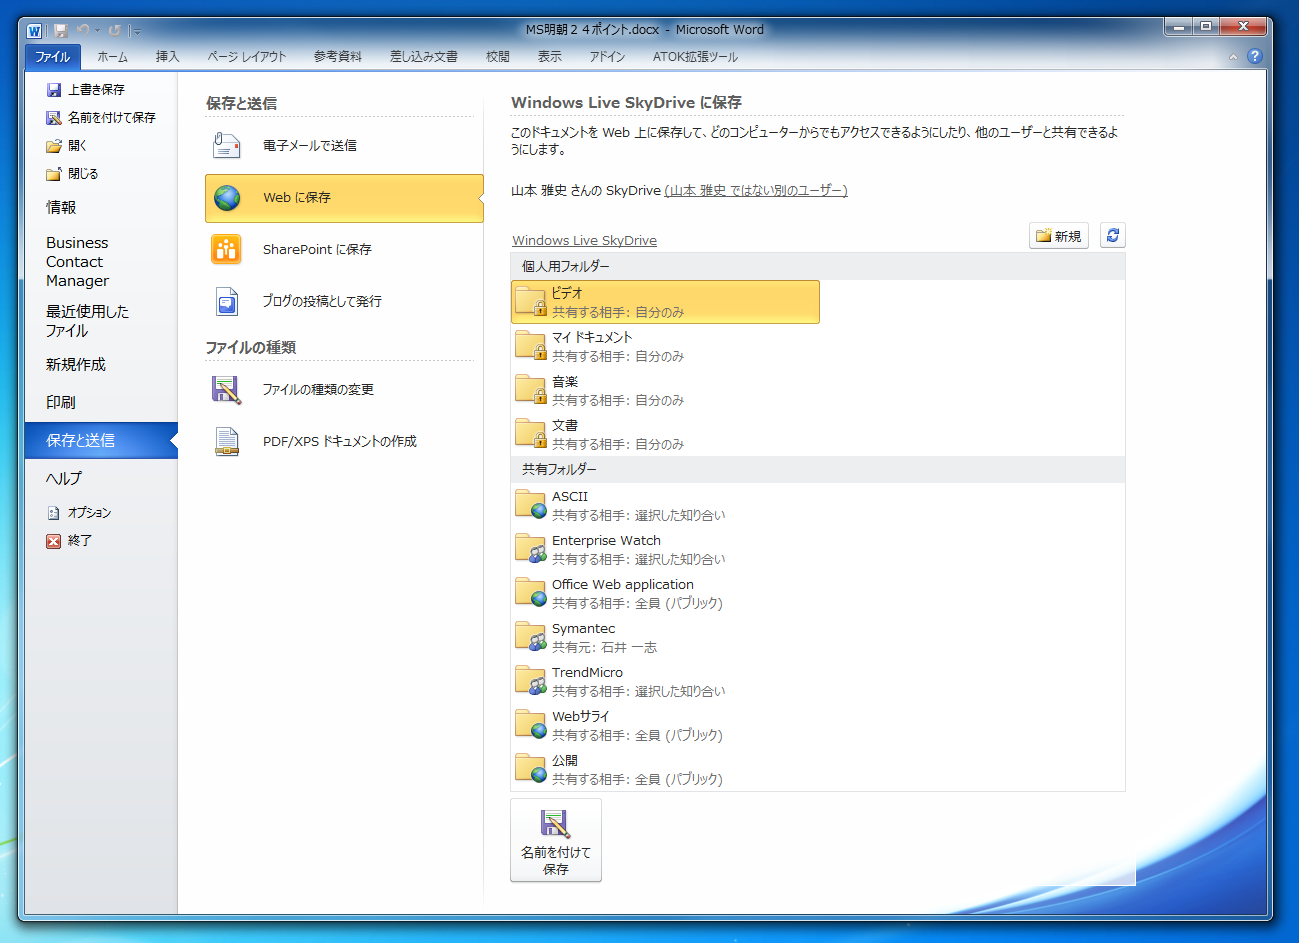 Office2010には、Office Web Appに文書を保存する機能が用意されている。Office2010のファイルメニューの「保存と送信」で設定が出来る。これなら、Officeから直接、文書をクラウドにアップしたり、編集したりすることが可能